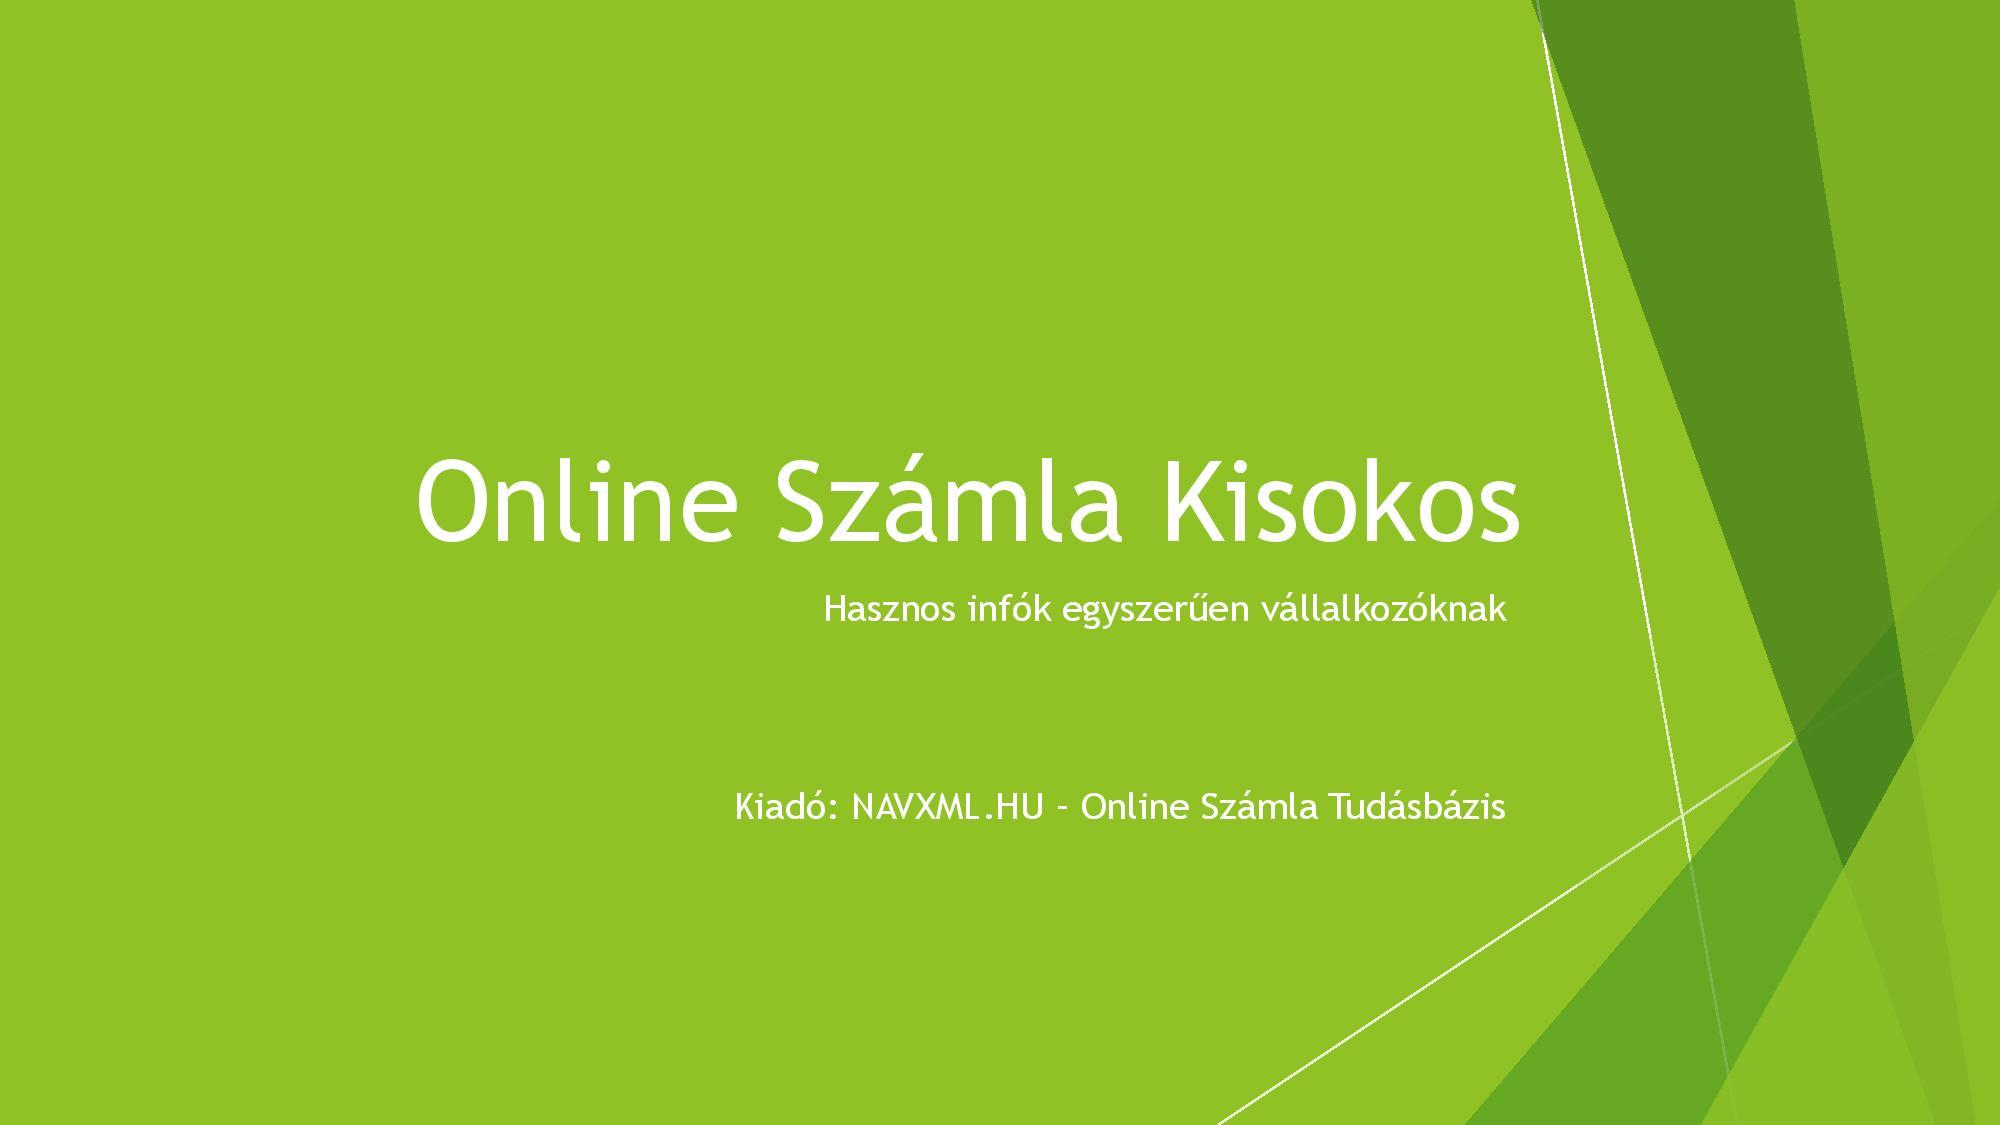 Online Számla Kisokost készítettünk   Online Számla tudásbázis